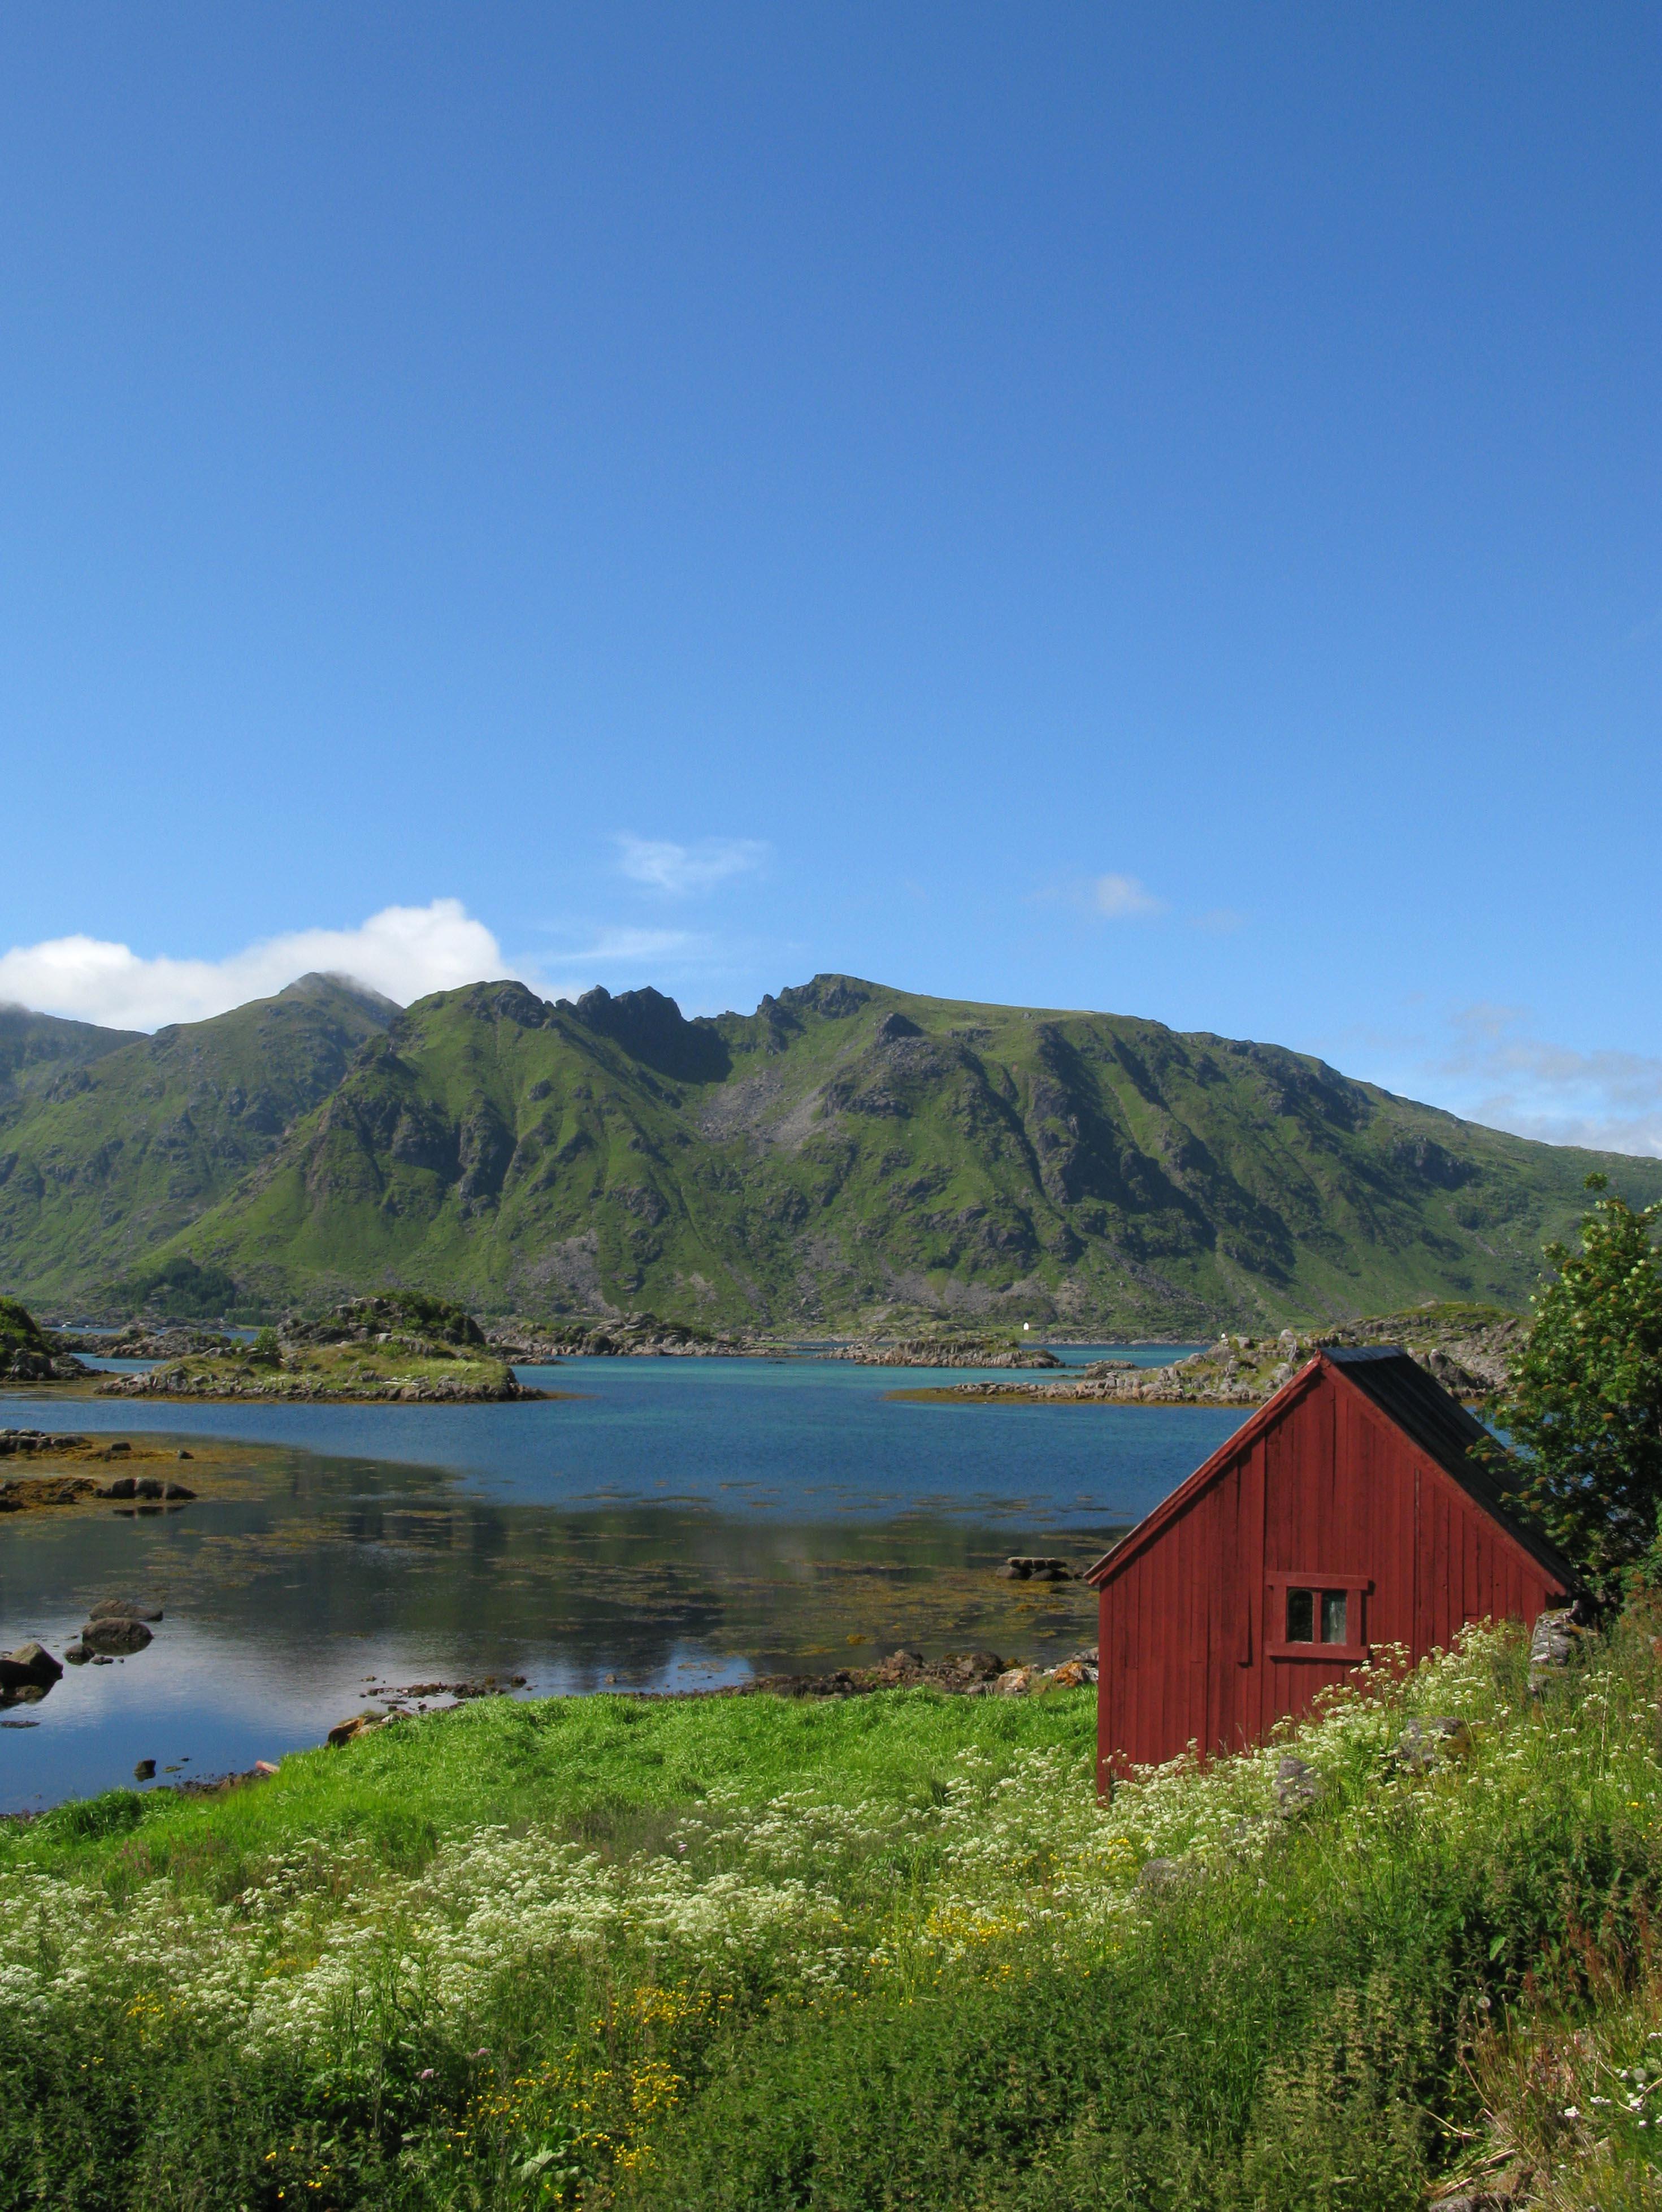 norwegen-fjord-huette